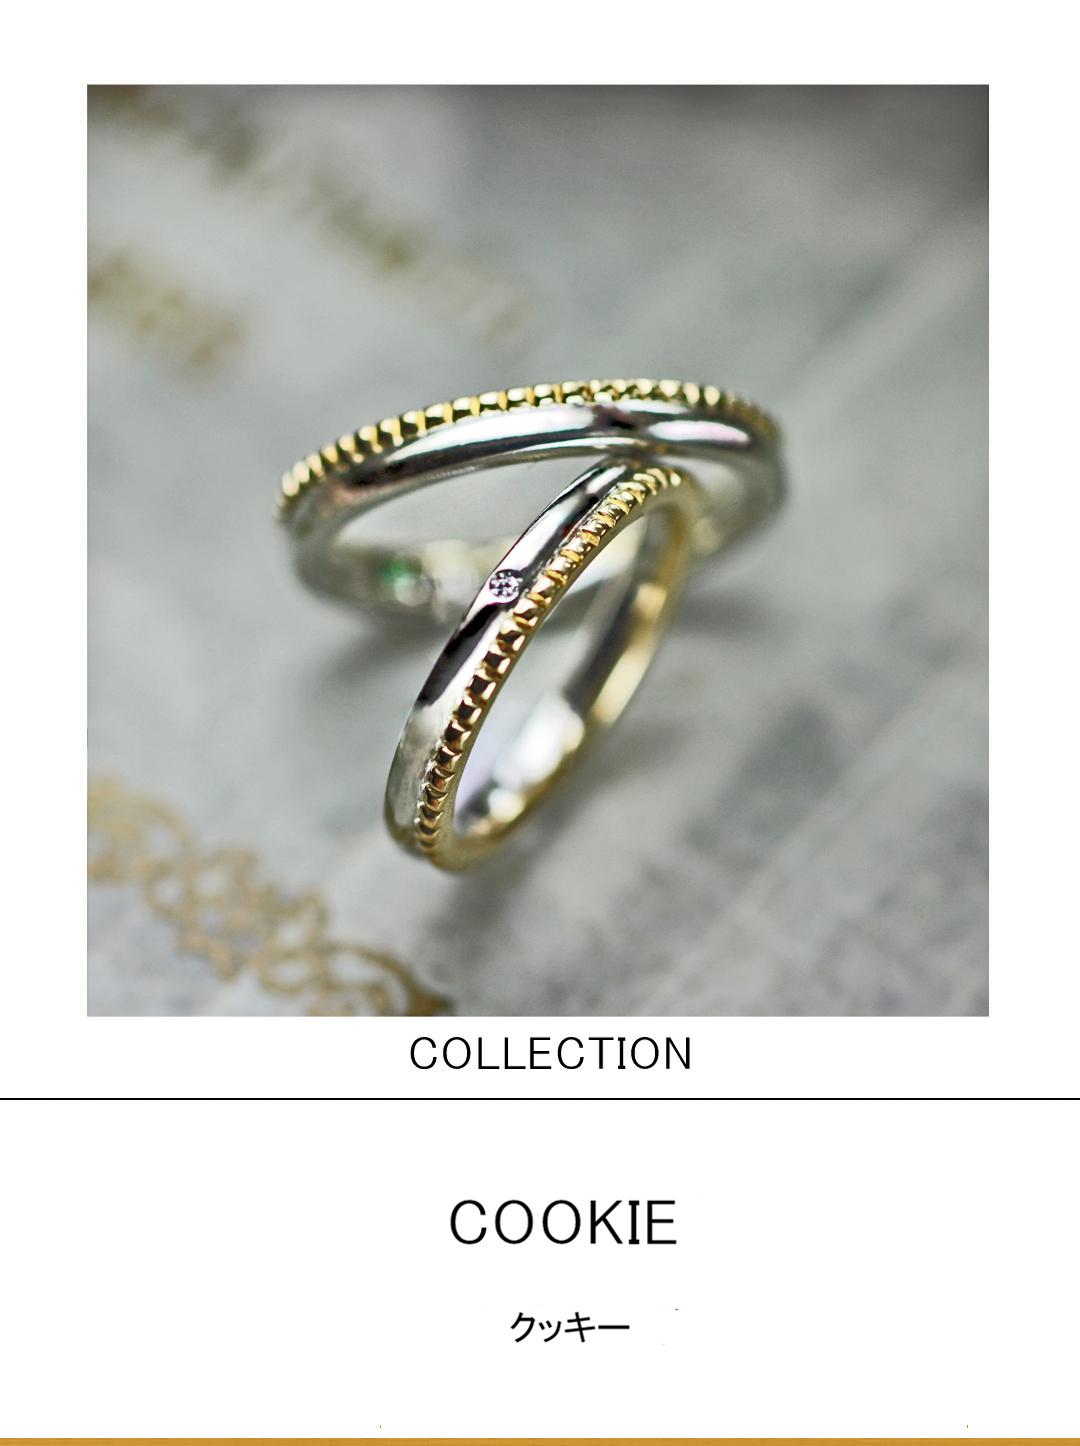 プラチナとゴールドをクッキー風にデザインしたコンビの結婚指輪のサムネイル